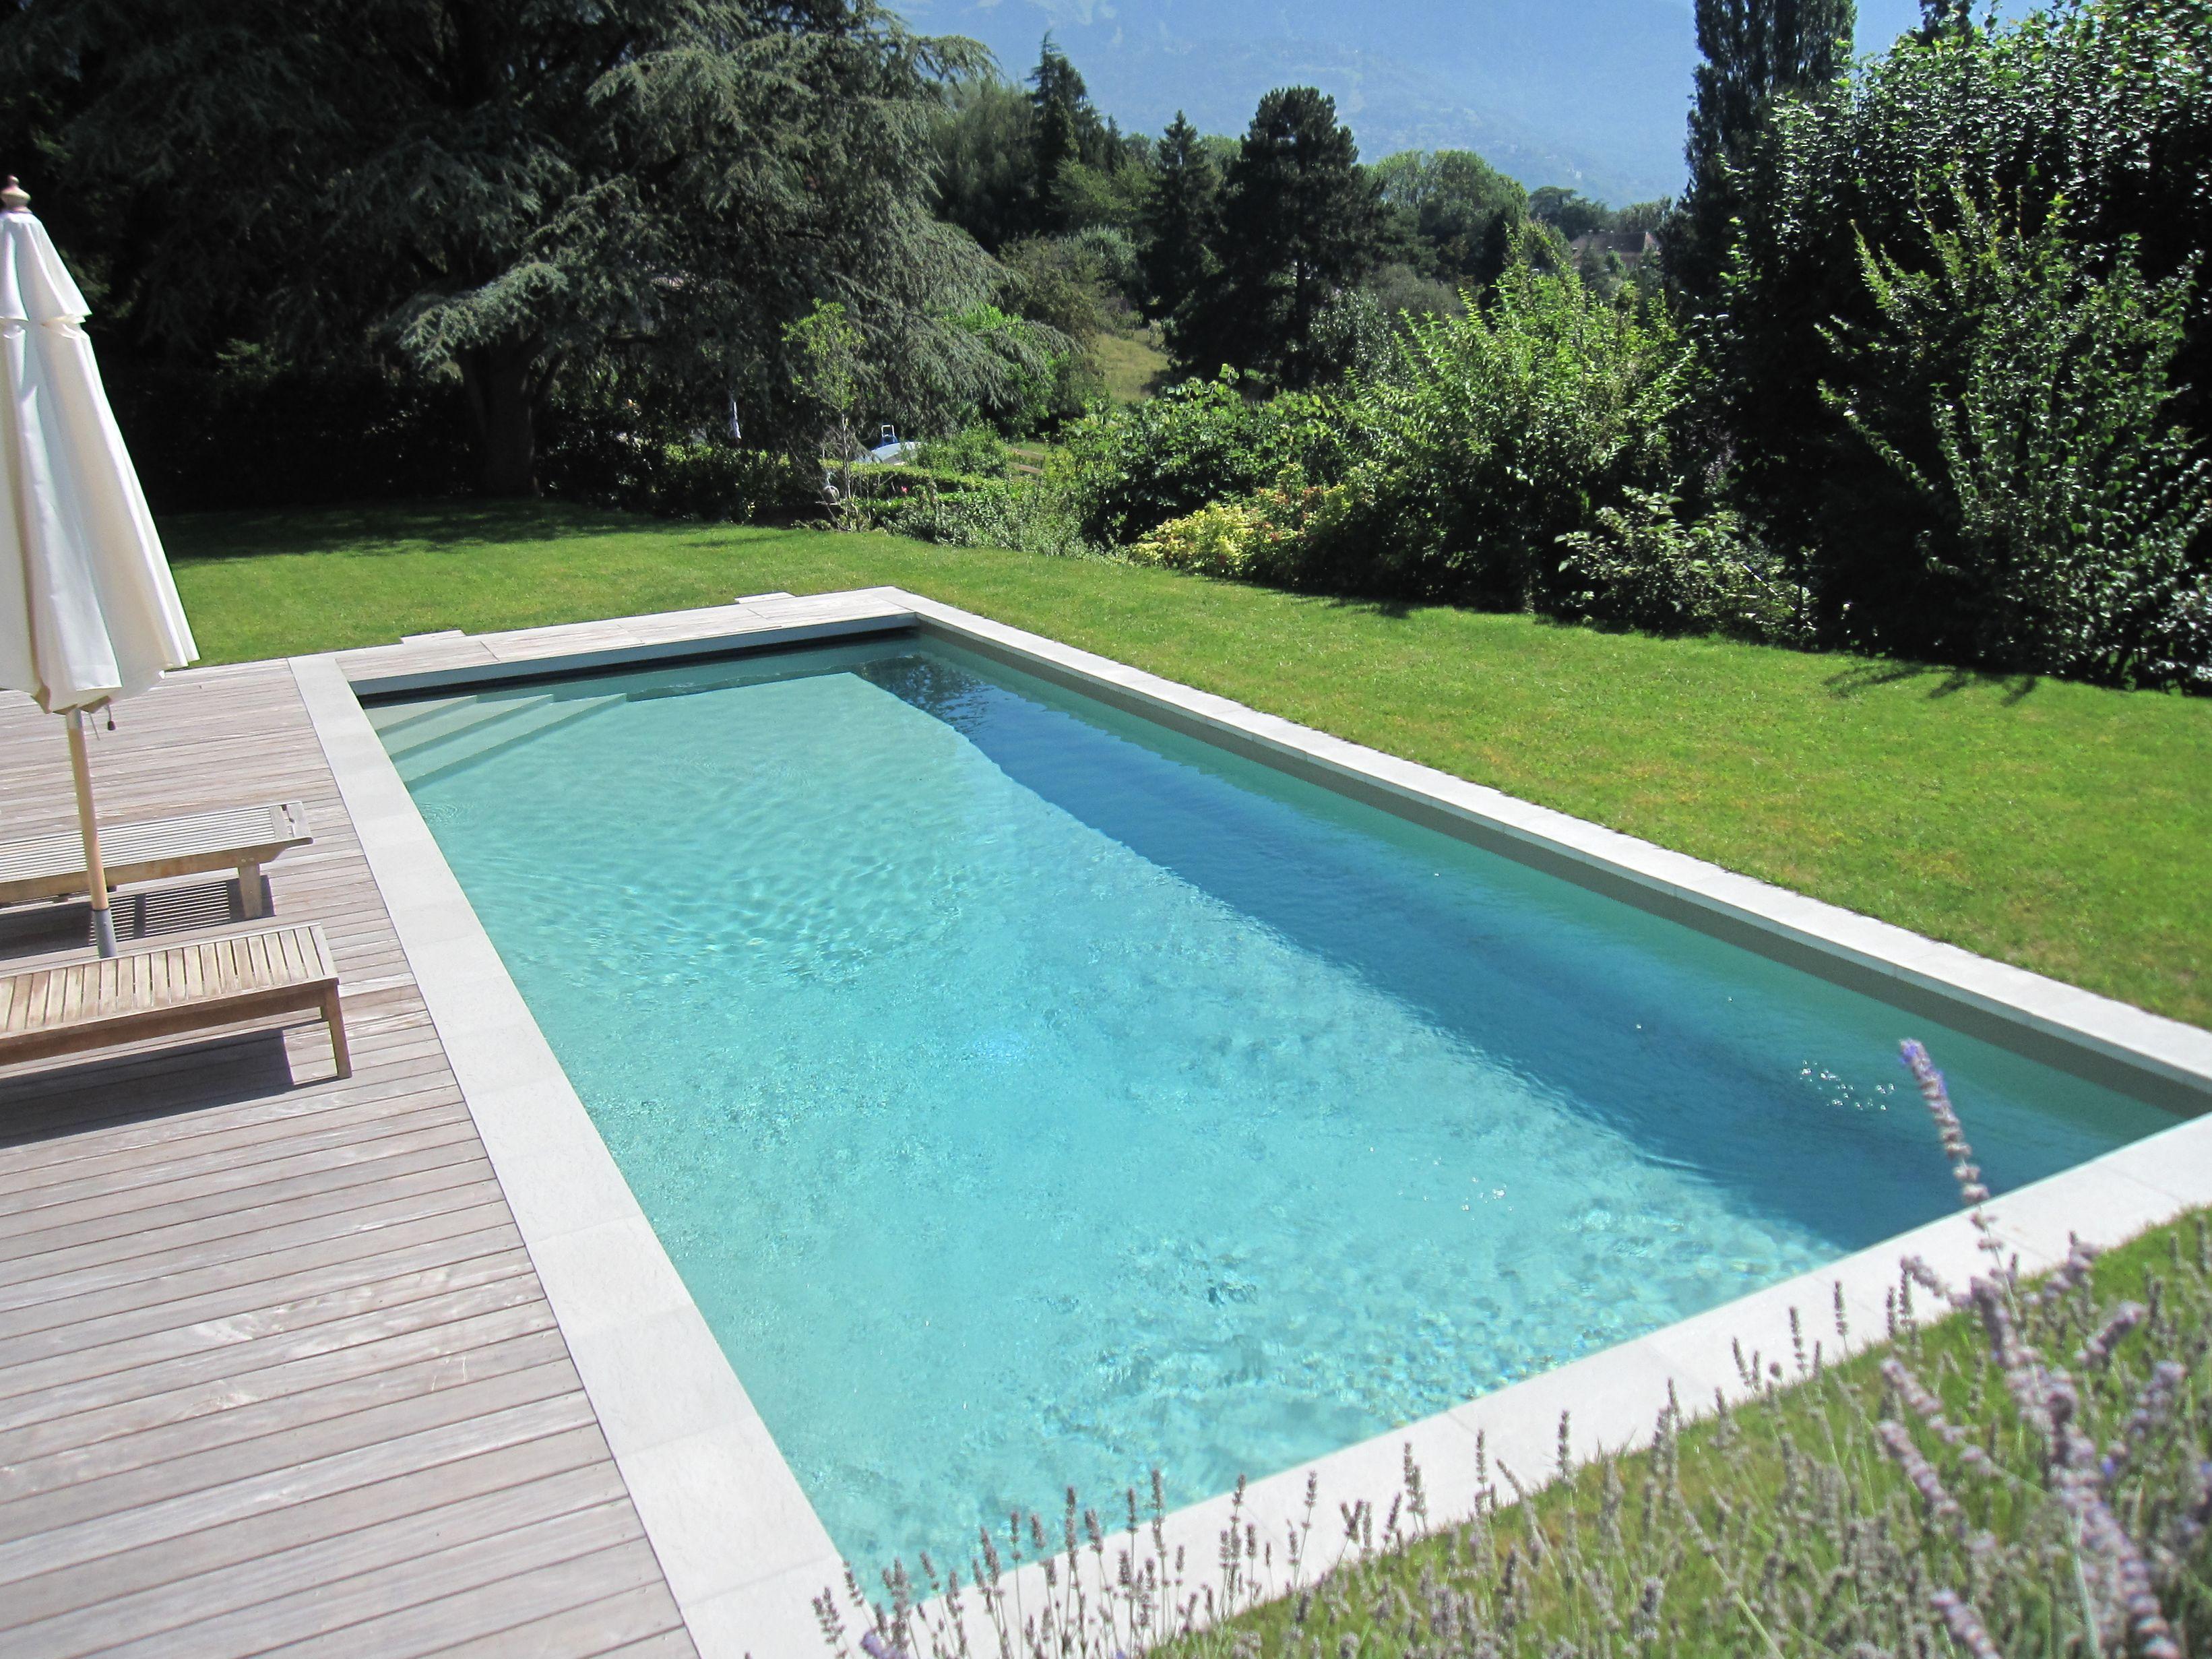 liner vert argile maison pinterest piscine liner piscine et piscine verte. Black Bedroom Furniture Sets. Home Design Ideas